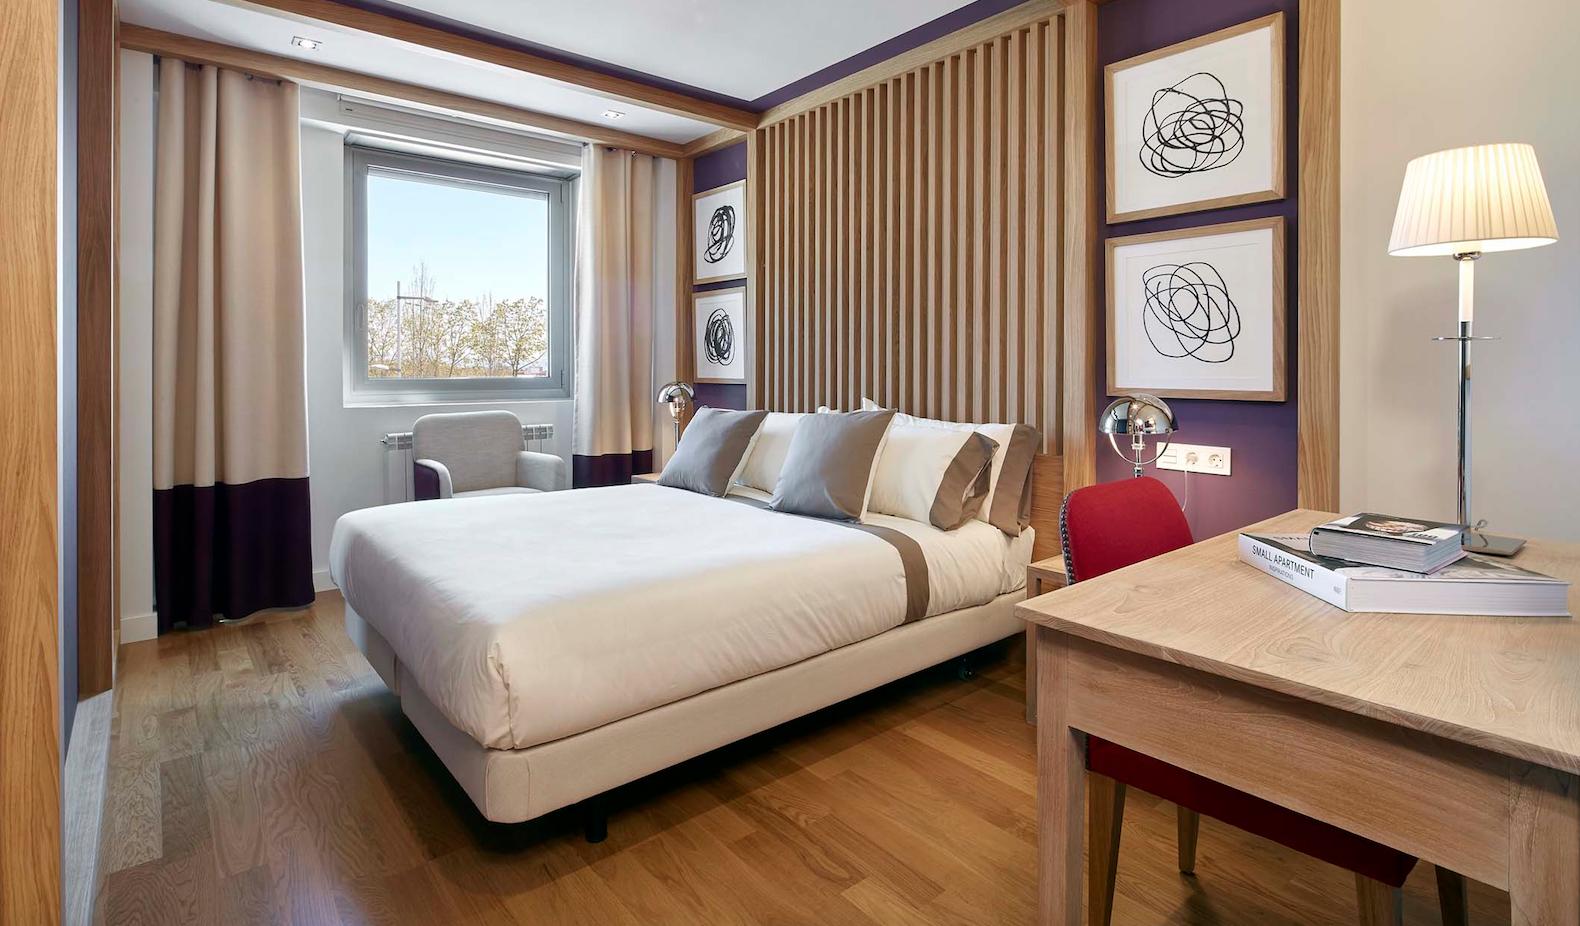 Un dels dormitoris d'aquestes cases de luxe FOTO: Cedida